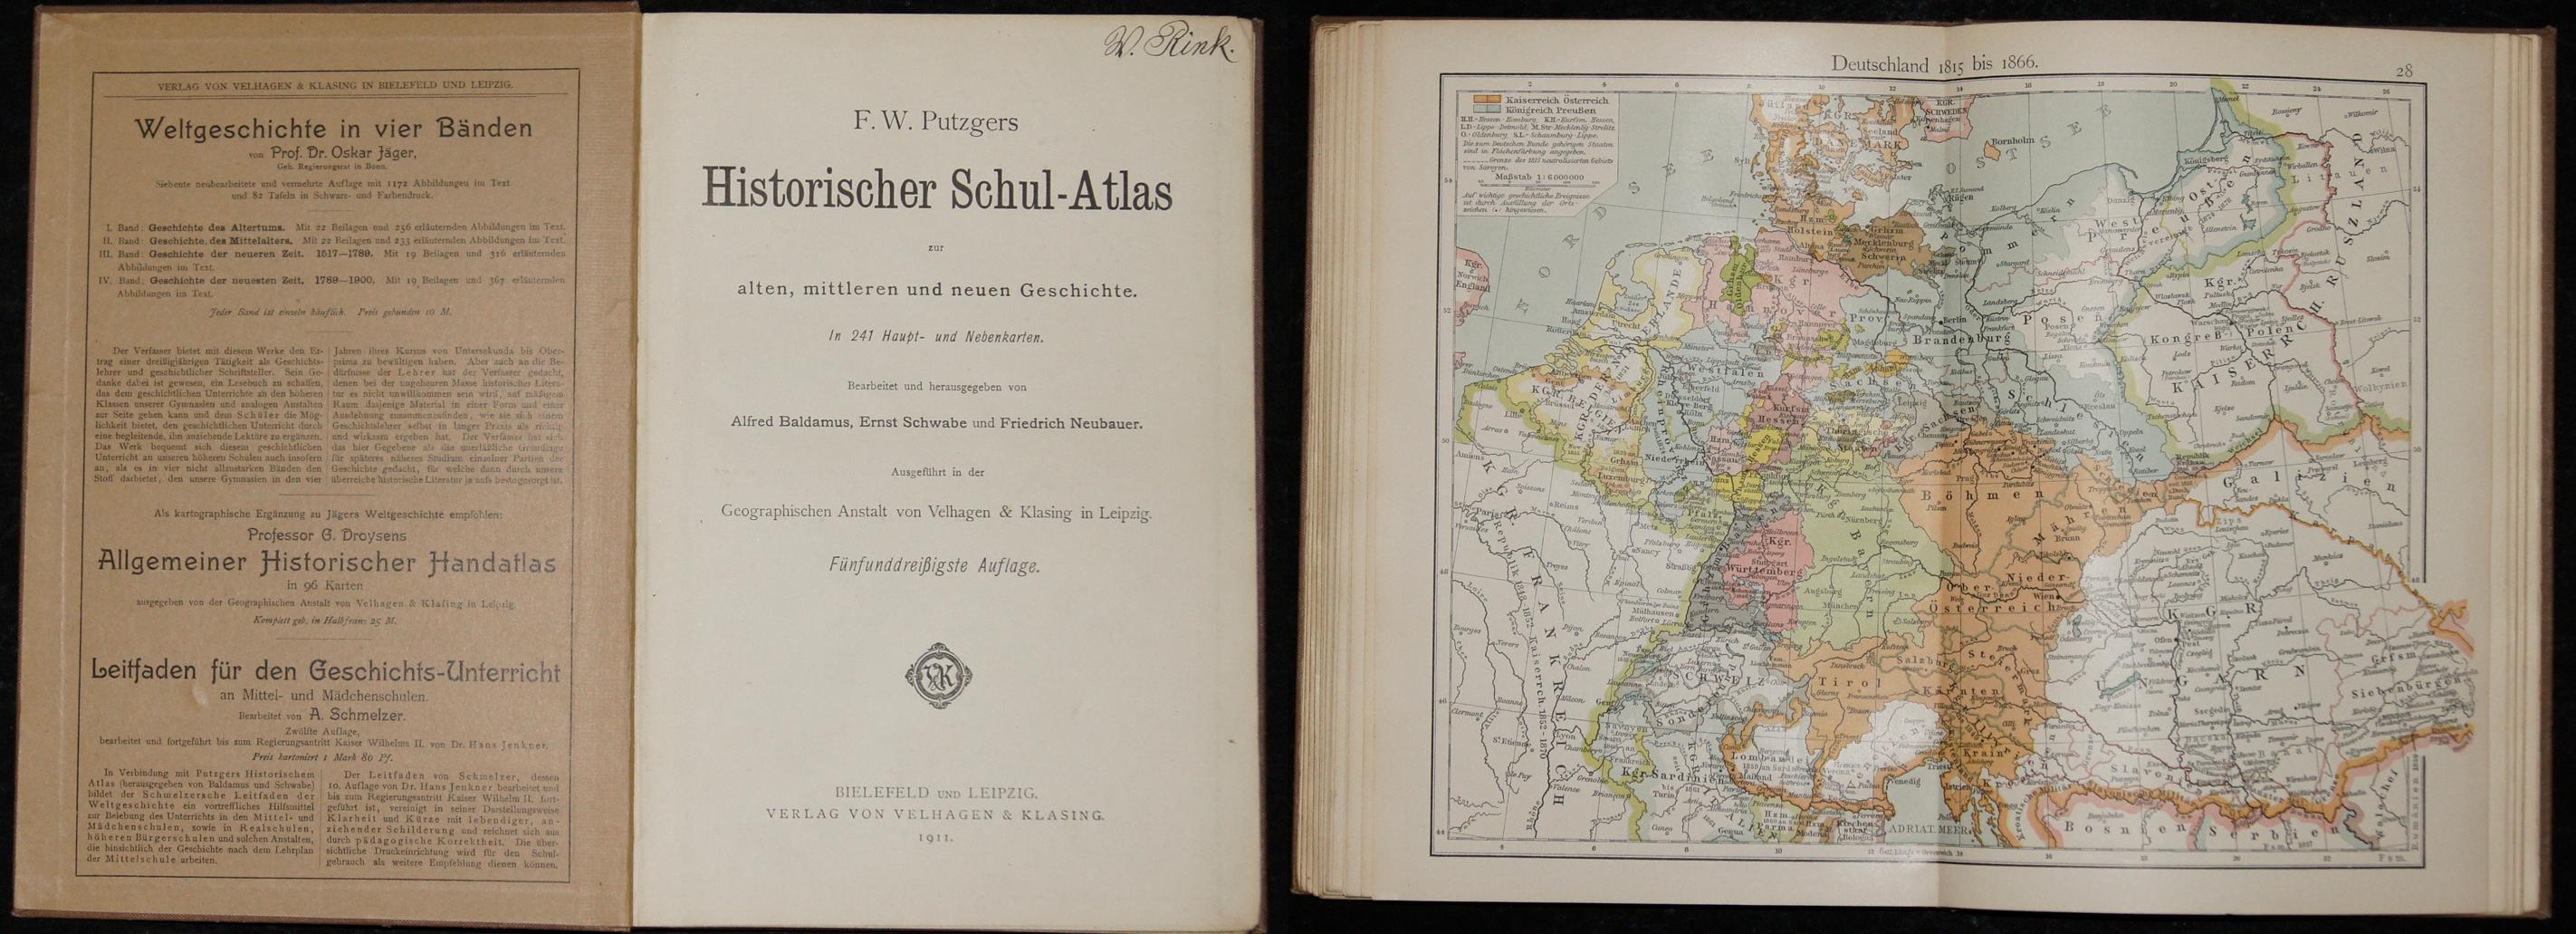 Velhagen & Klasing  F. W. Putzgers Historischer Schul-Atlas  zur alten, mittleren und neuen Geschichte in 241 Haupt – und Nebenkarten.